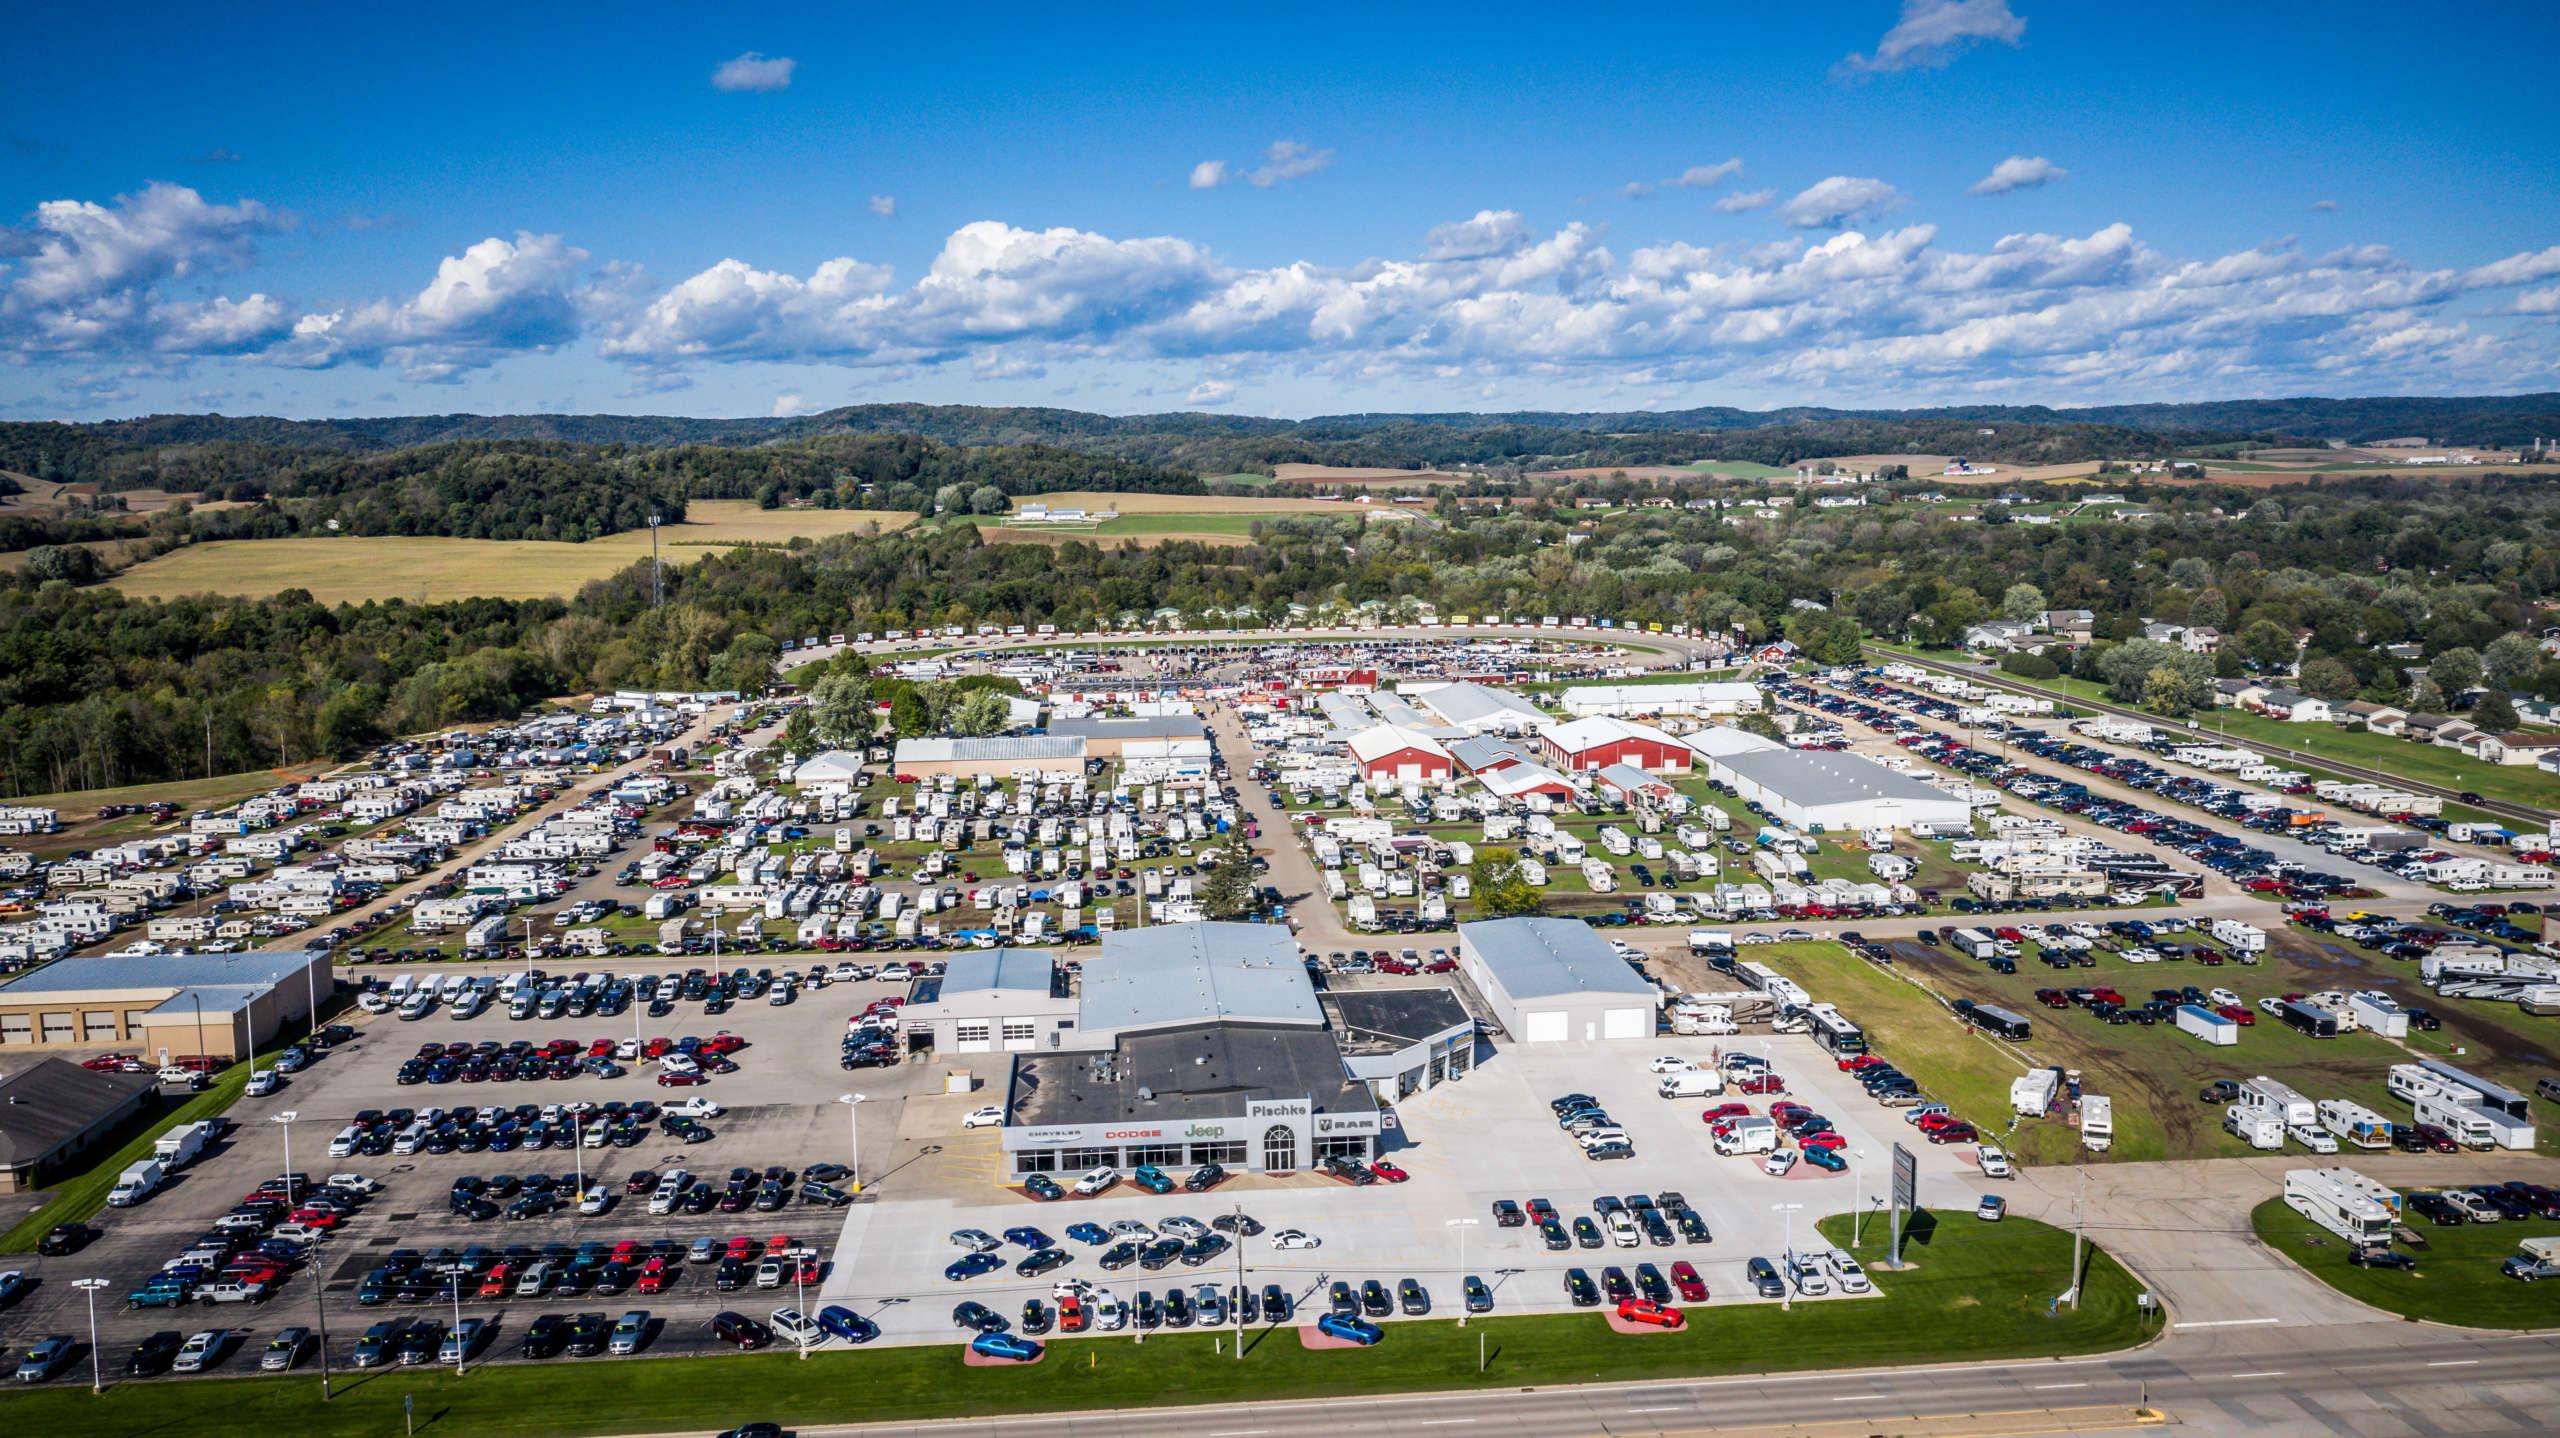 Oktoberfest Camper Village Opens in One Week